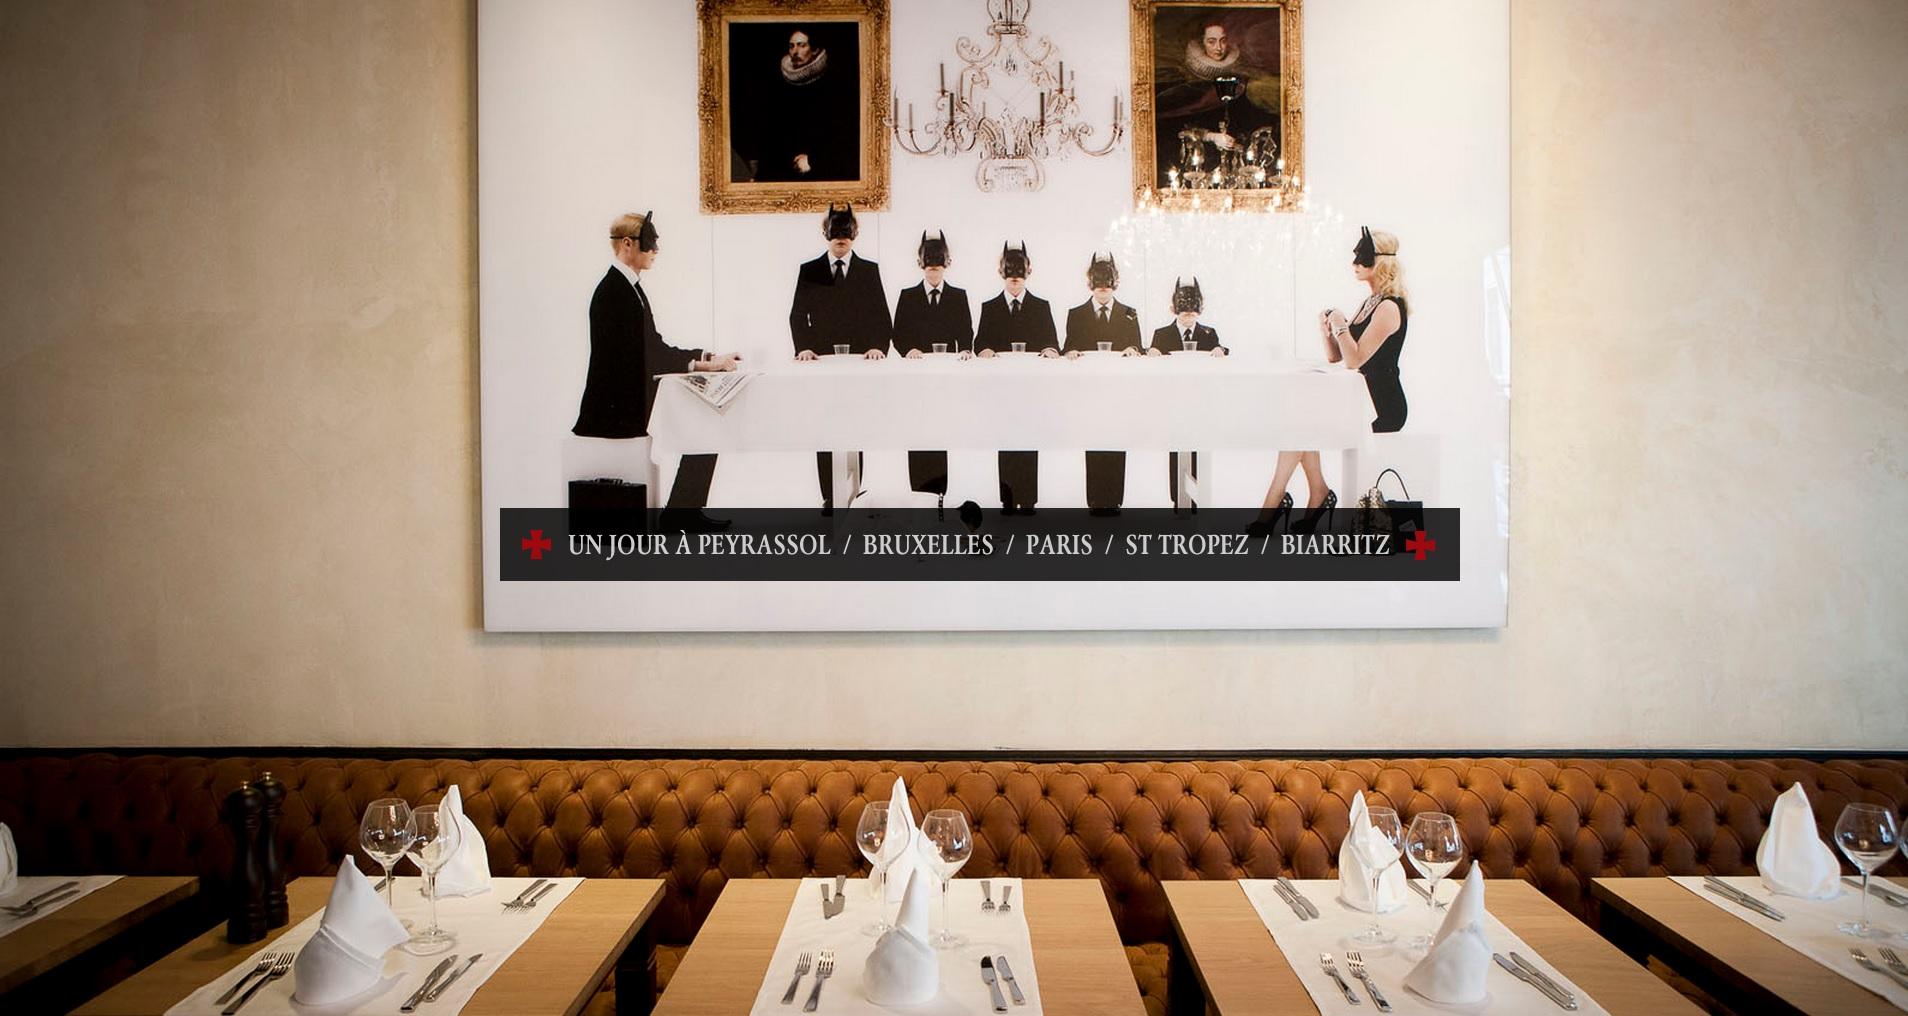 Un jour peyrassol les restaurants de la commanderie de peyrassol - La commanderie de peyrassol ...